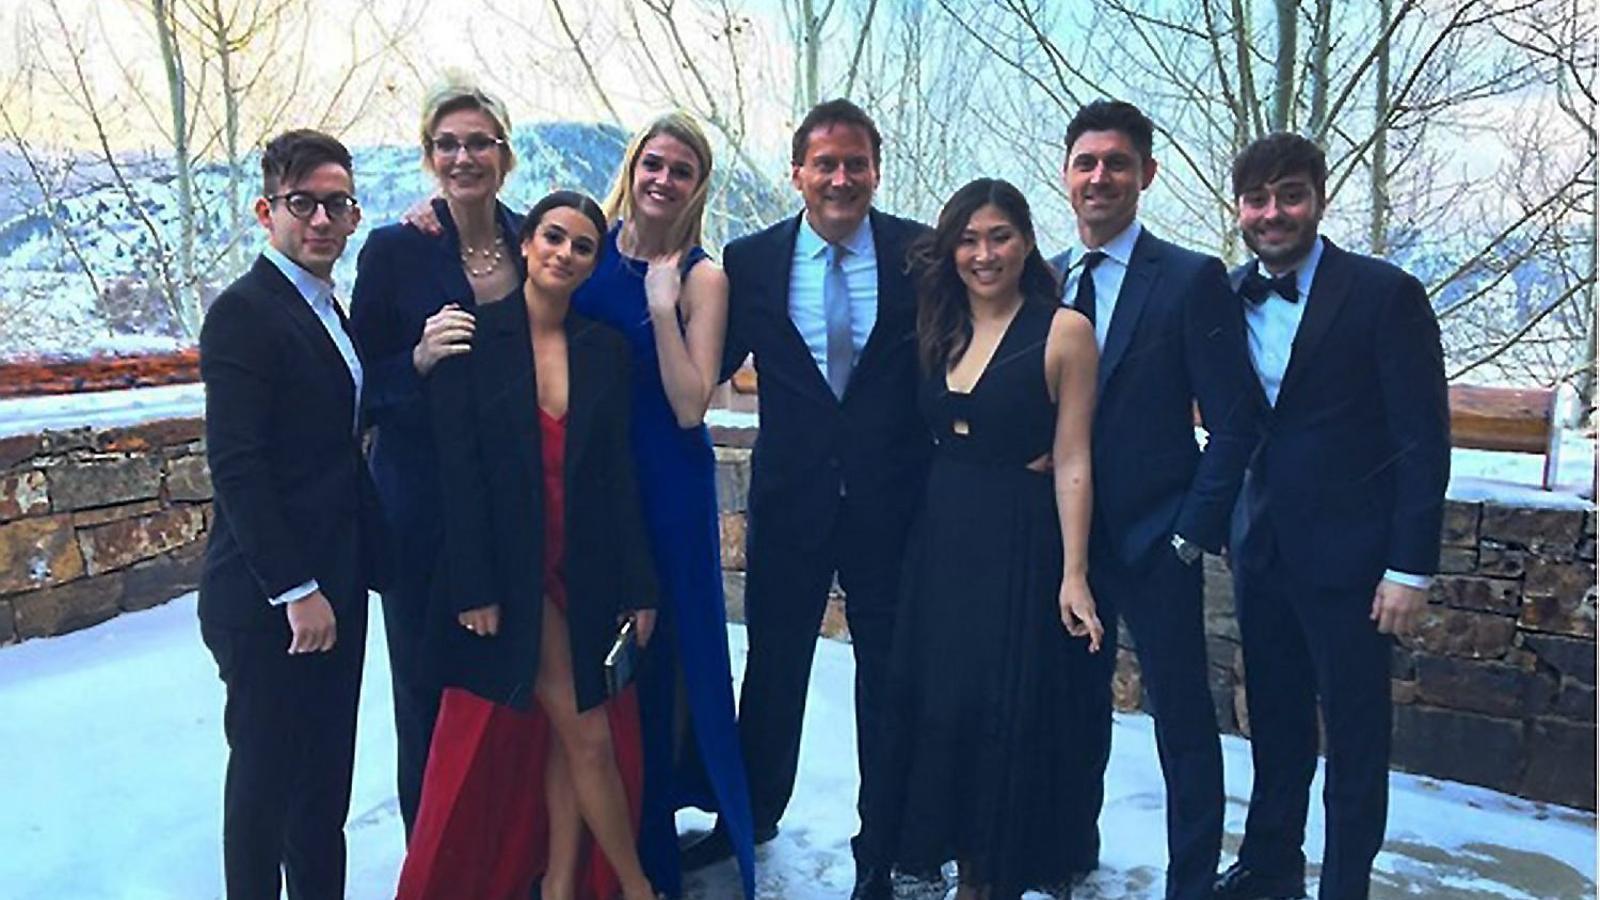 El càsting de 'Glee' es retroba a la boda de Becca Tobin